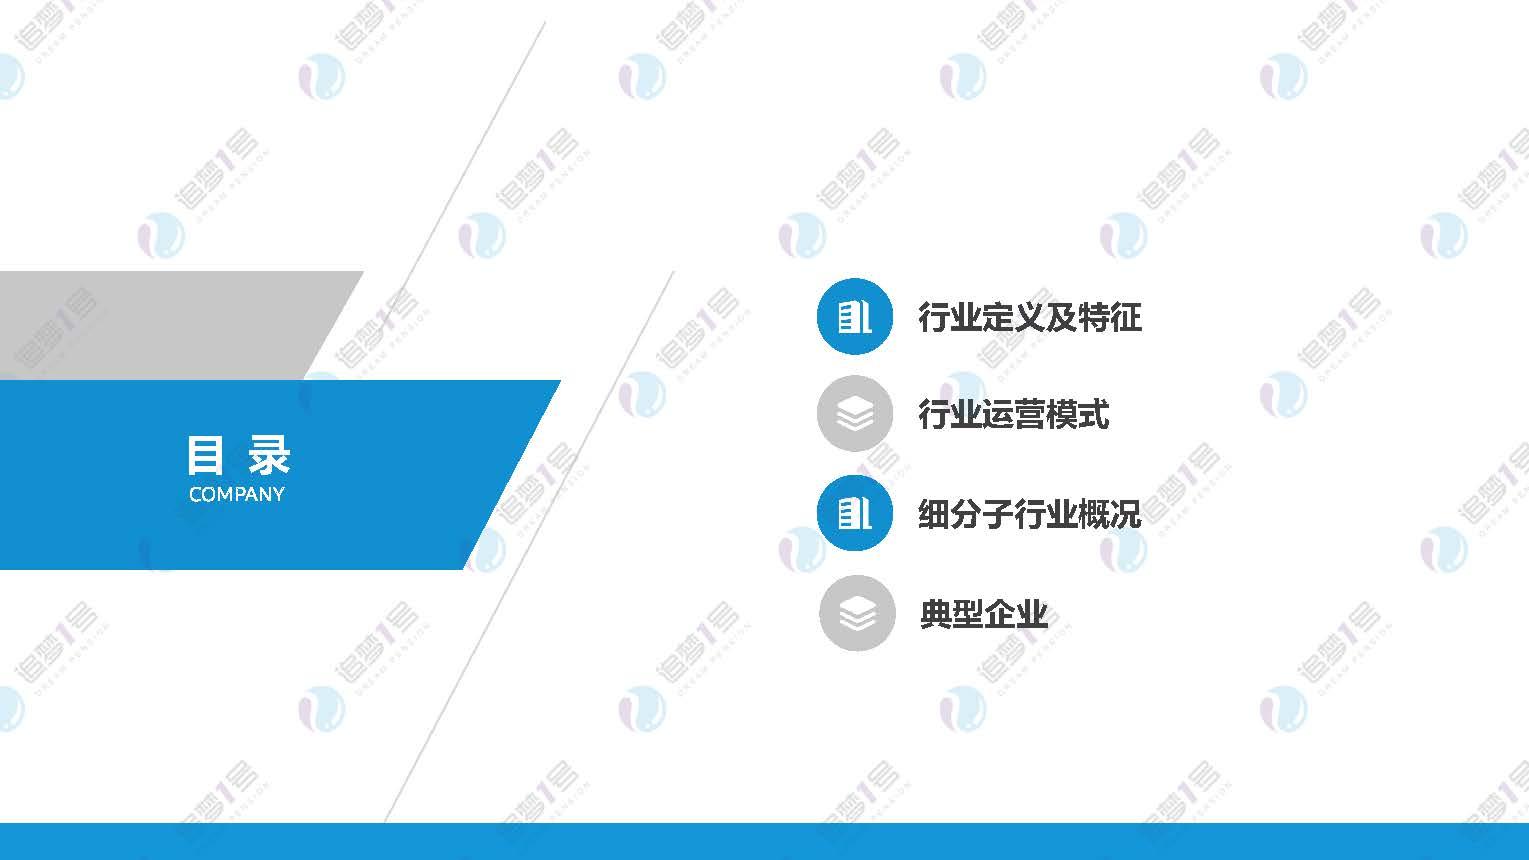 中国旅游行业研究 _页面_01.jpg